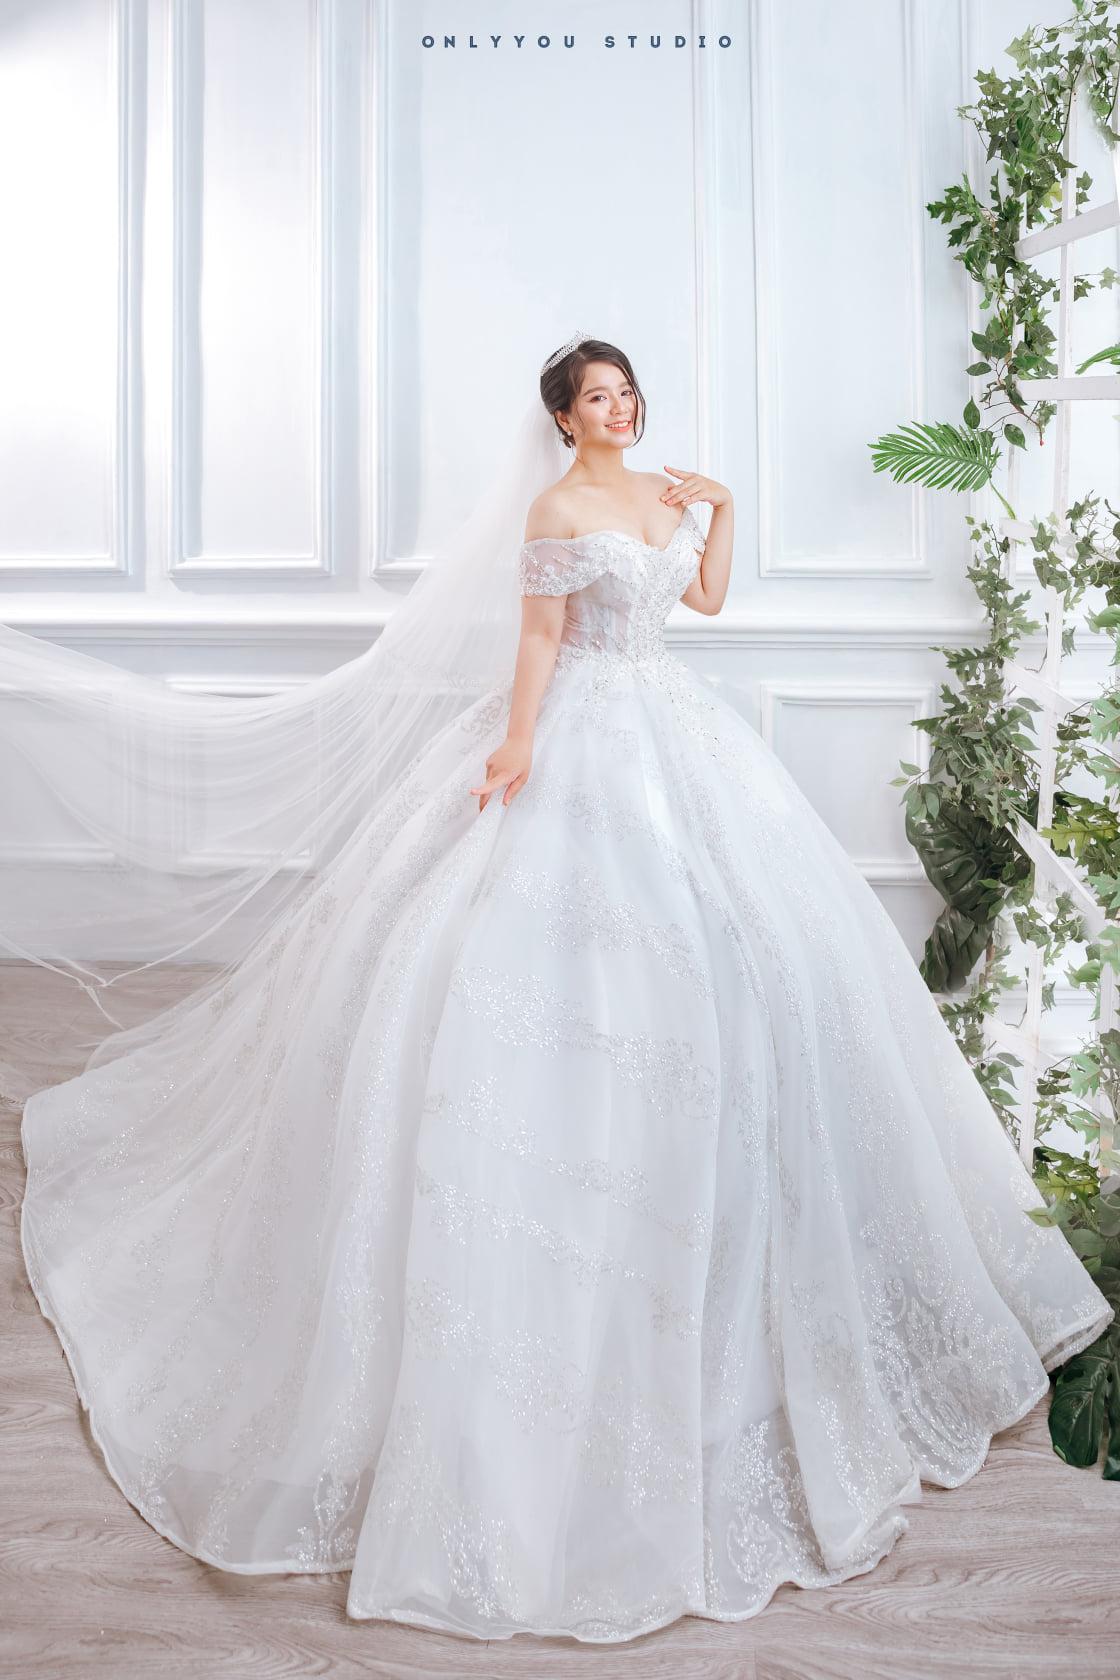 Cho thuê áo cưới tại Cần Thơ - Only You Studio & Bridal